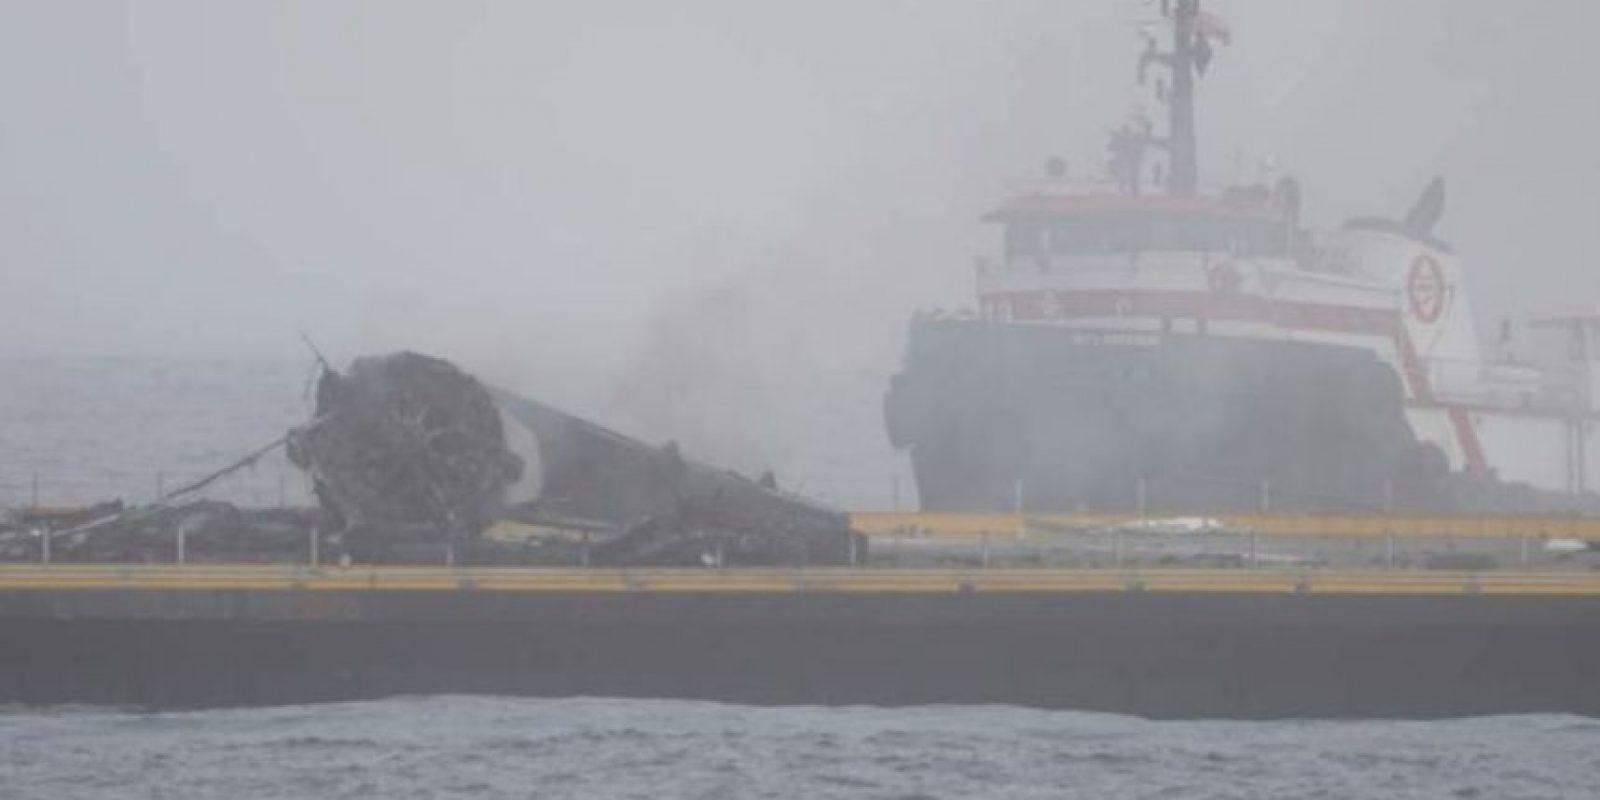 Después de cinco intentos, SpaceX, logró que el Falcon 9 aterrizara sin estrellarse. Foto:twitter.com/SpaceX. Imagen Por: